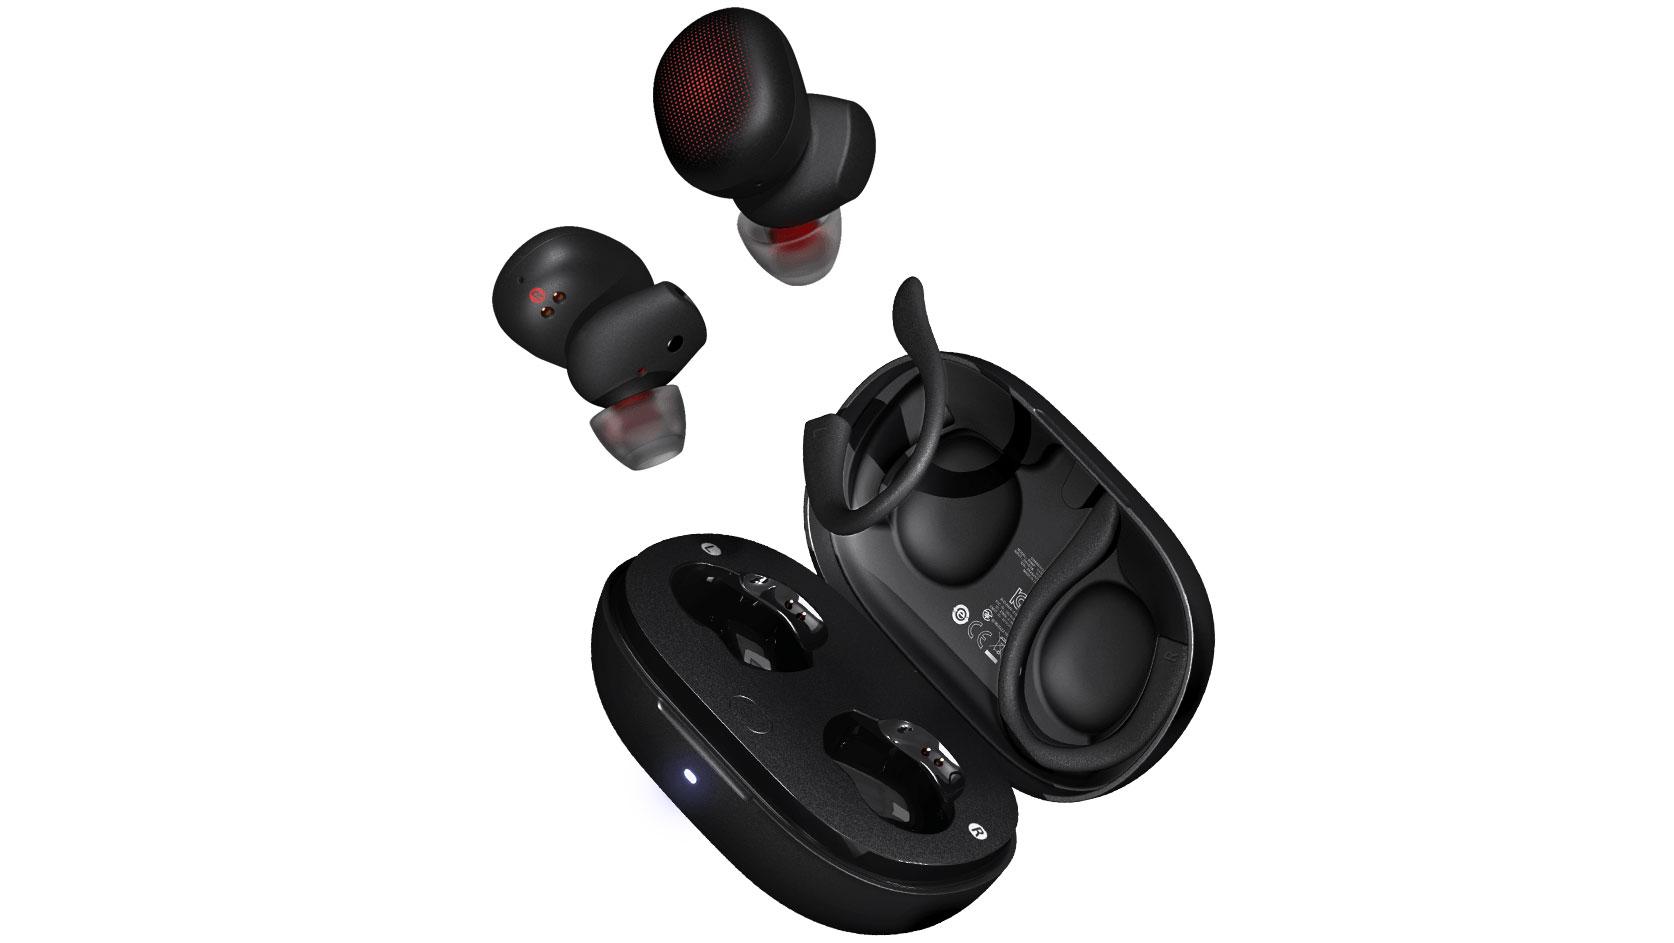 Amazfit PowerBuds : des écouteurs true wireless dédiés au sport qui suivent votre cœur